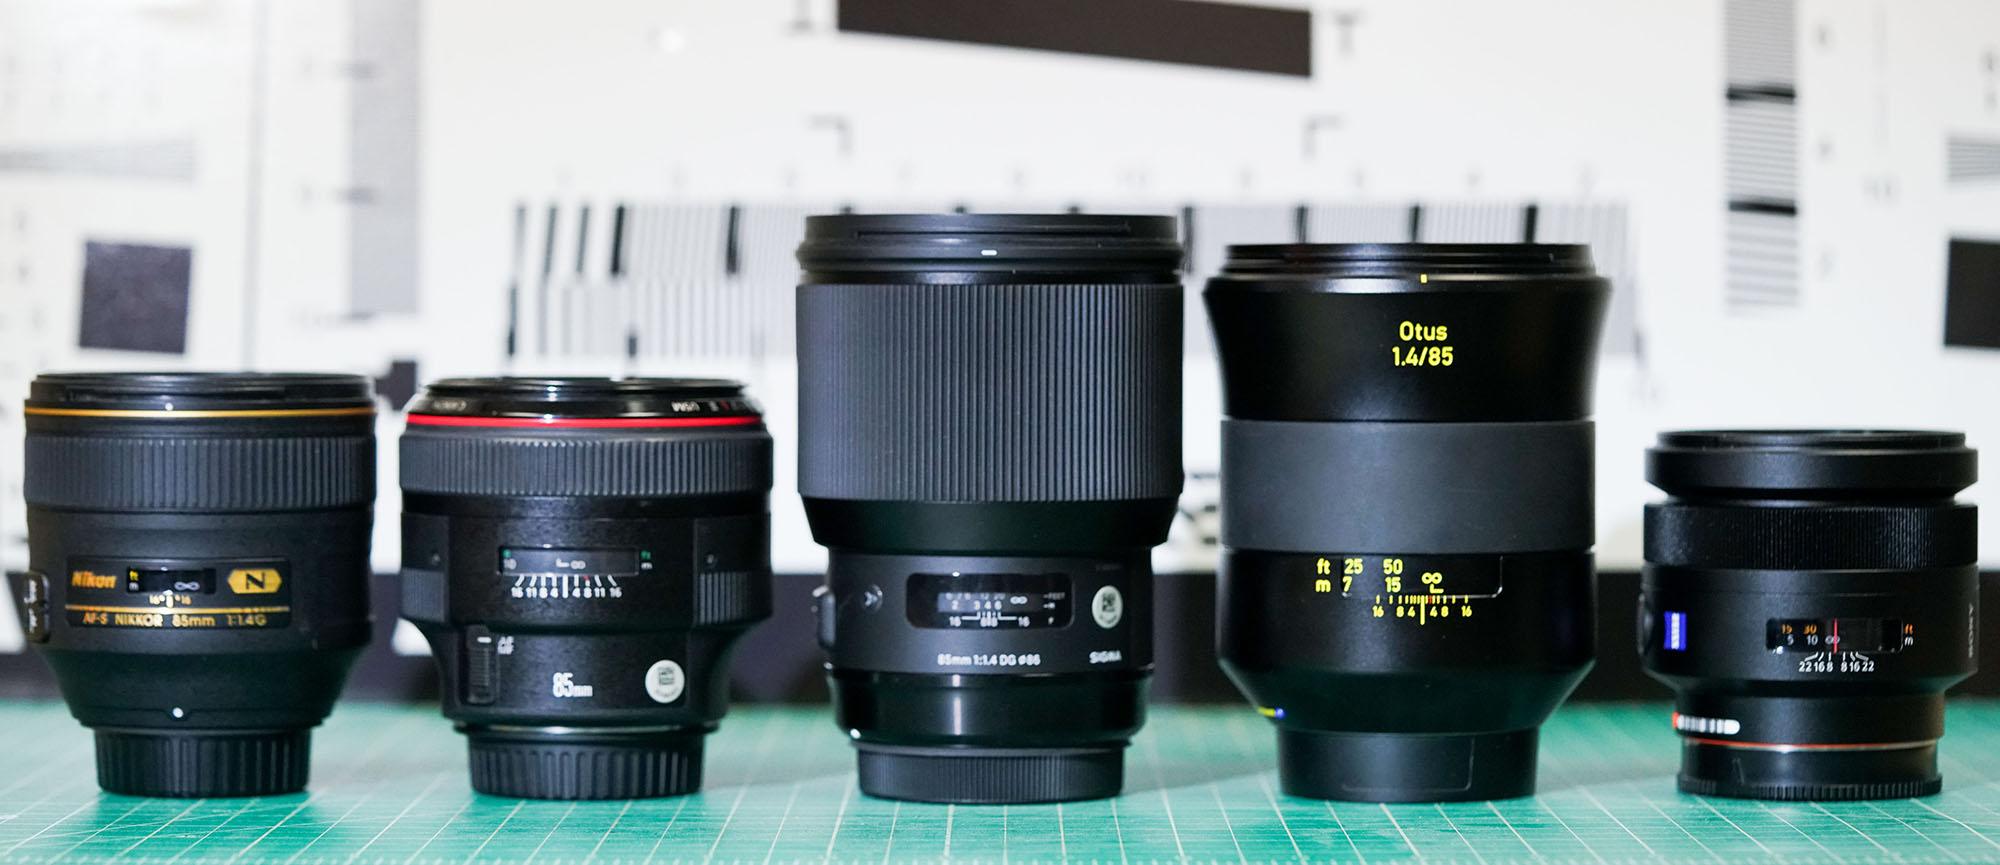 Sigma-85mm-Size-Comparison-2.jpg